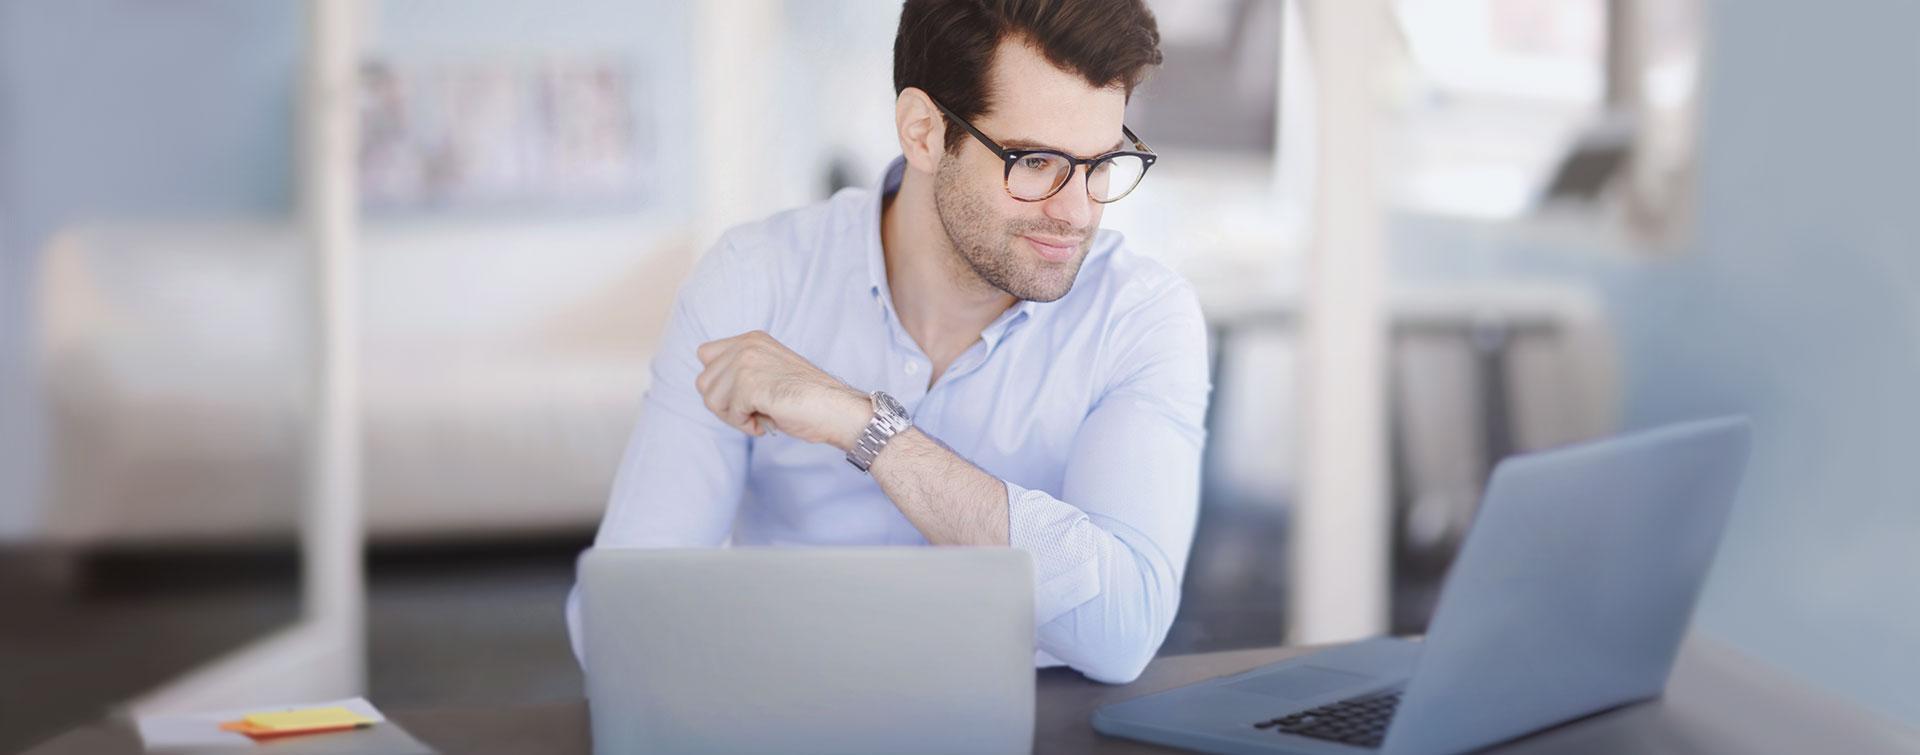 Prowadzisz własny biznes? Poznaj 5 sposobów na oszczędności w firmie